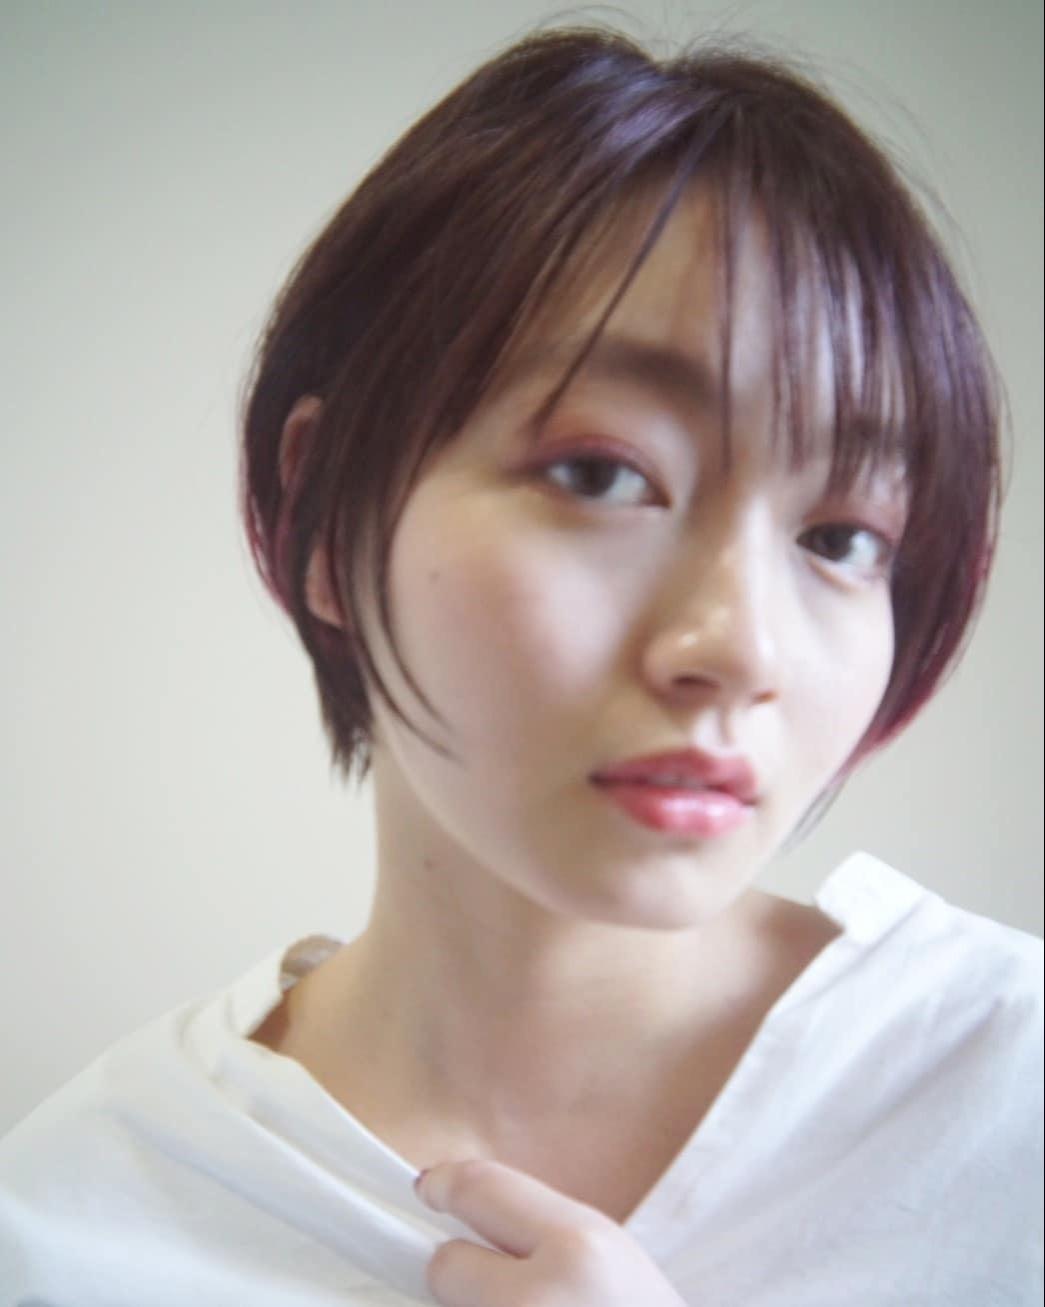 ショートボブ☆ こないだPEEK-A-BOO新宿店で撮影したオフショット📷  @tamaki0207matsumoto  PEEK-A-BOOならではの骨格、髪質、顔の形などを計算した上質なベースカットを駆使して、お客様ひとりひとりの雰囲気に似合うカットをさせていただきます✂️ ご自宅での再現性、持ちのよさもバッチリです✨  ご自分でどんなヘアスタイルが似合うかわからない方、  カットで雰囲気を変えてみたい方、  今までカットで満足したことがない方など、、 ぜひ一度ご来店ください😊  しっかりとしたカウンセリング→カットでお客様にピッタリのヘアスタイルに仕上げます✨  DMからのご予約もOKです🎵  ホットペッパーはプロフィールのところにあるのでそちらからのご予約も◎  @toshiyaato のお店はこちら↓  お電話、ネット予約どちらも可能です😊  PEEK-A-BOO NEWoMan 新宿  新宿区新宿4-1-6 NEWoMan新宿4F  TEL📲 03 5361 6003  皆様のご来店心よりお待ちしております🙇♂️ #peekaboo#ピークアブー#ニュウマン#NEWoMan#新宿#美容室#ヘアスタイル#髪型#ヘアカタ#ヘアカタログ#撮影#グラボブ#ボブスタイル#パーマスタイル #ボブヘア#阿藤俊也#似合わせ#似合わせカット#ショートボブ#ハンサムボブ#大人グラボブ#大人ハイライト#プレッピーのせて